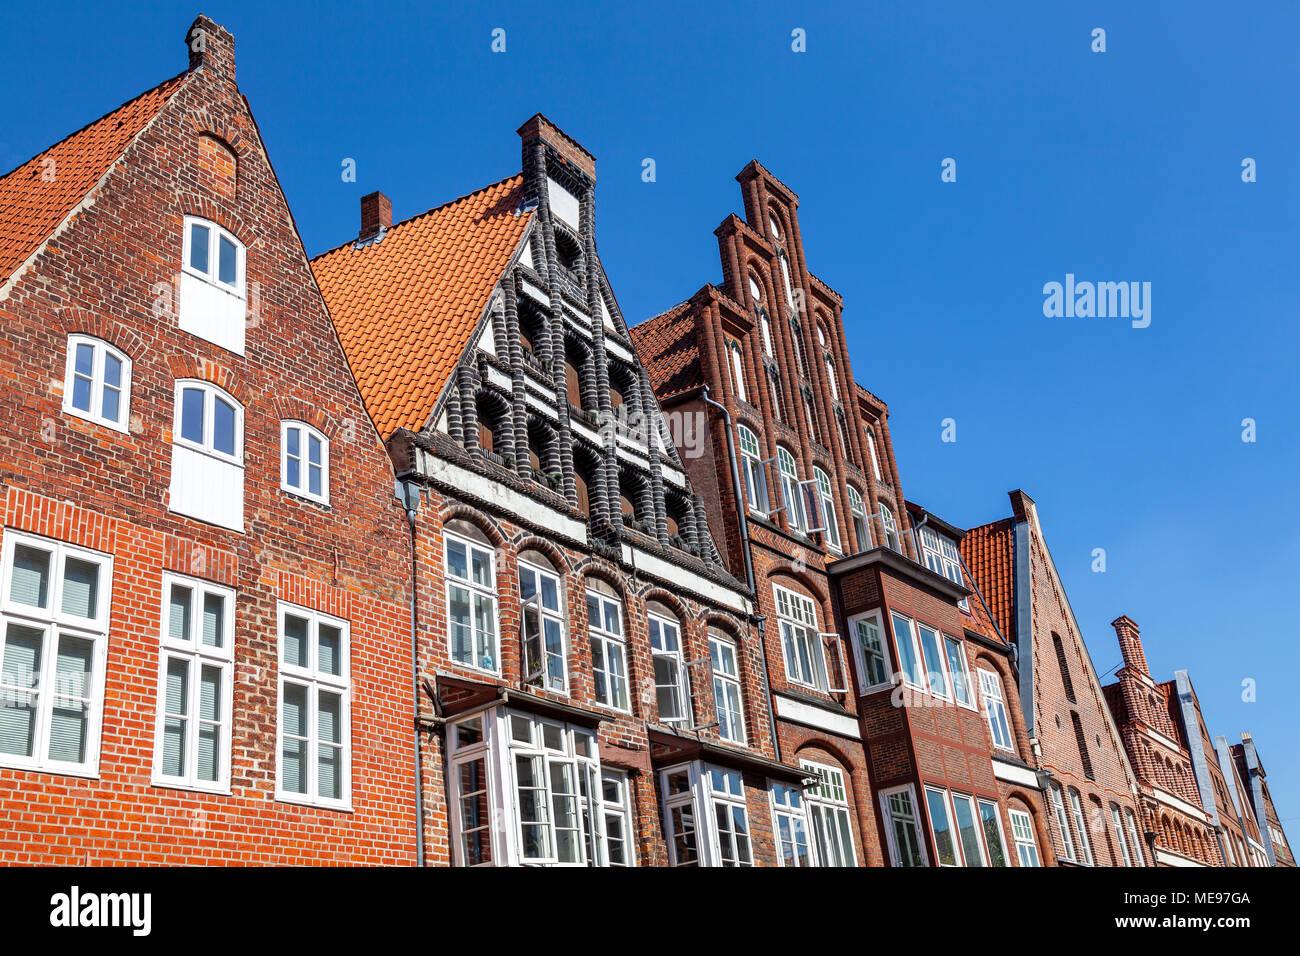 Traditionelle Giebel in Lüneburg, Niedersachsen, Deutschland - Stock Image